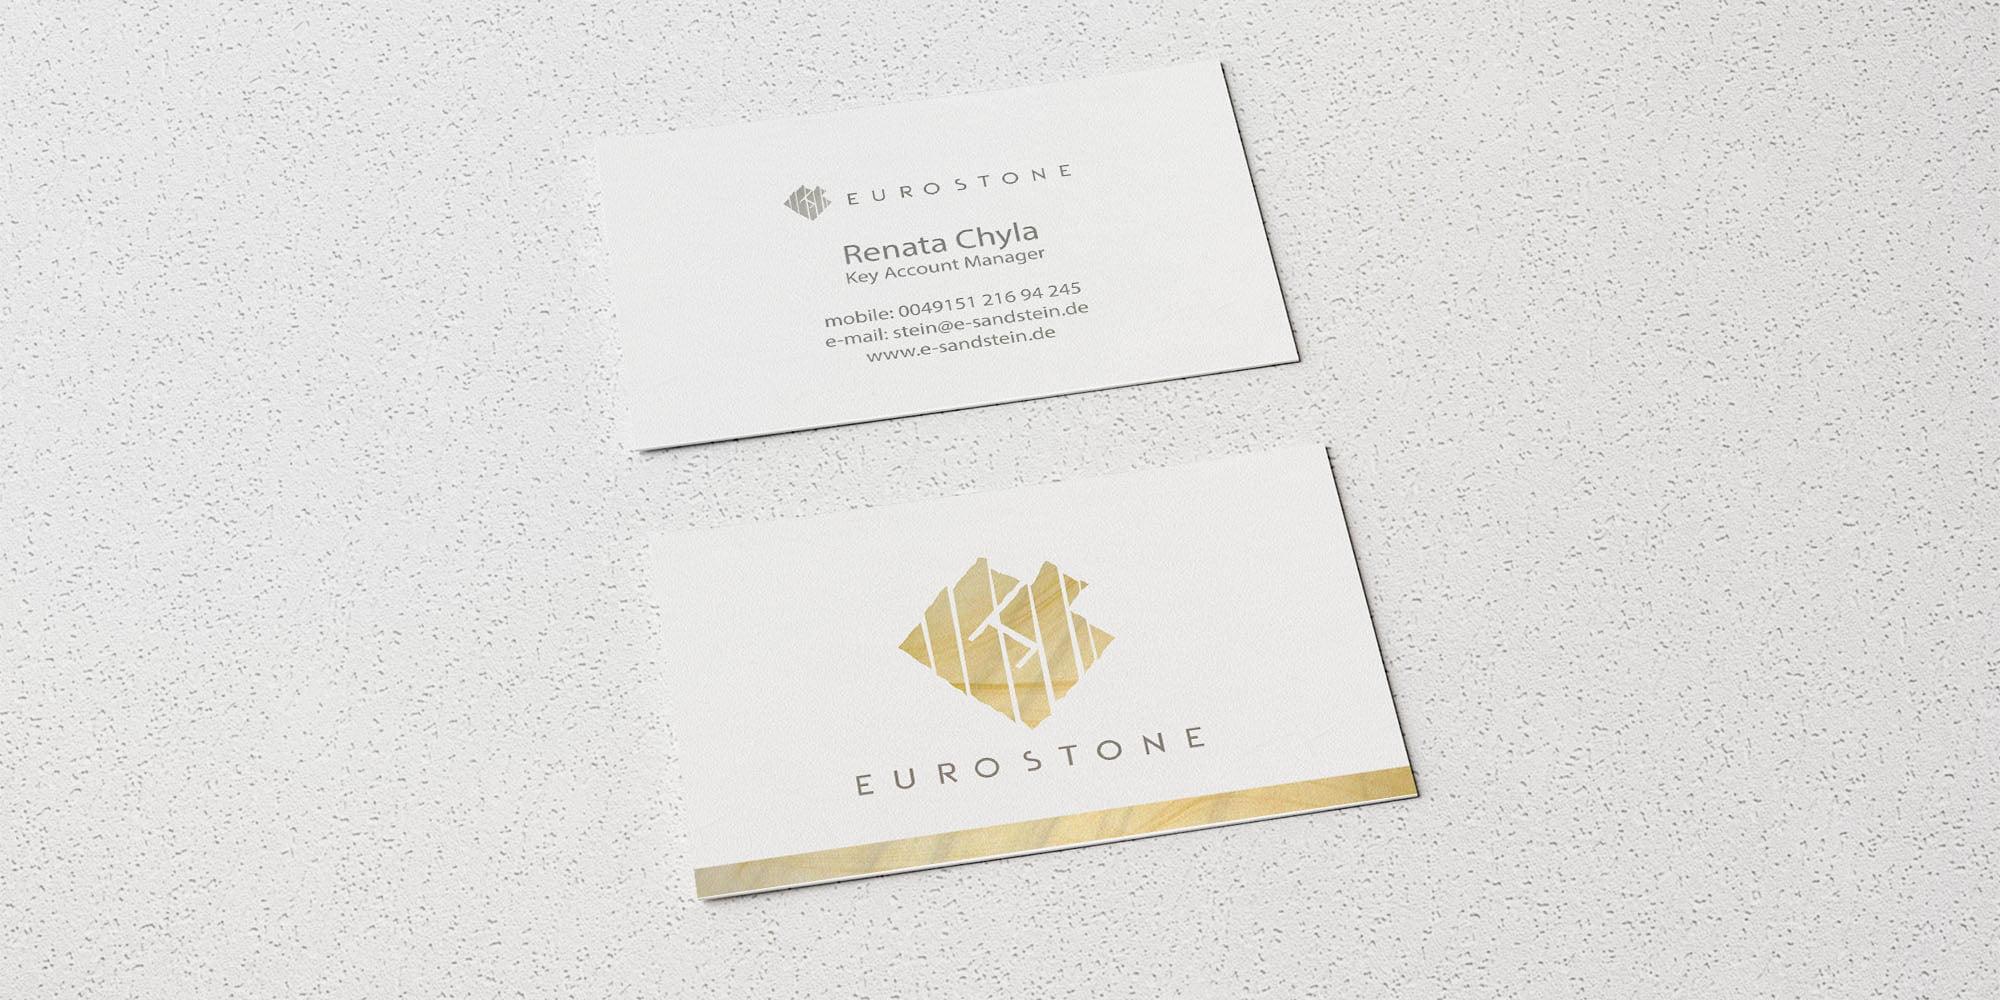 Wizytówki Eurostone Realizacja Sto15.pl Autor: Piotr Ratuski